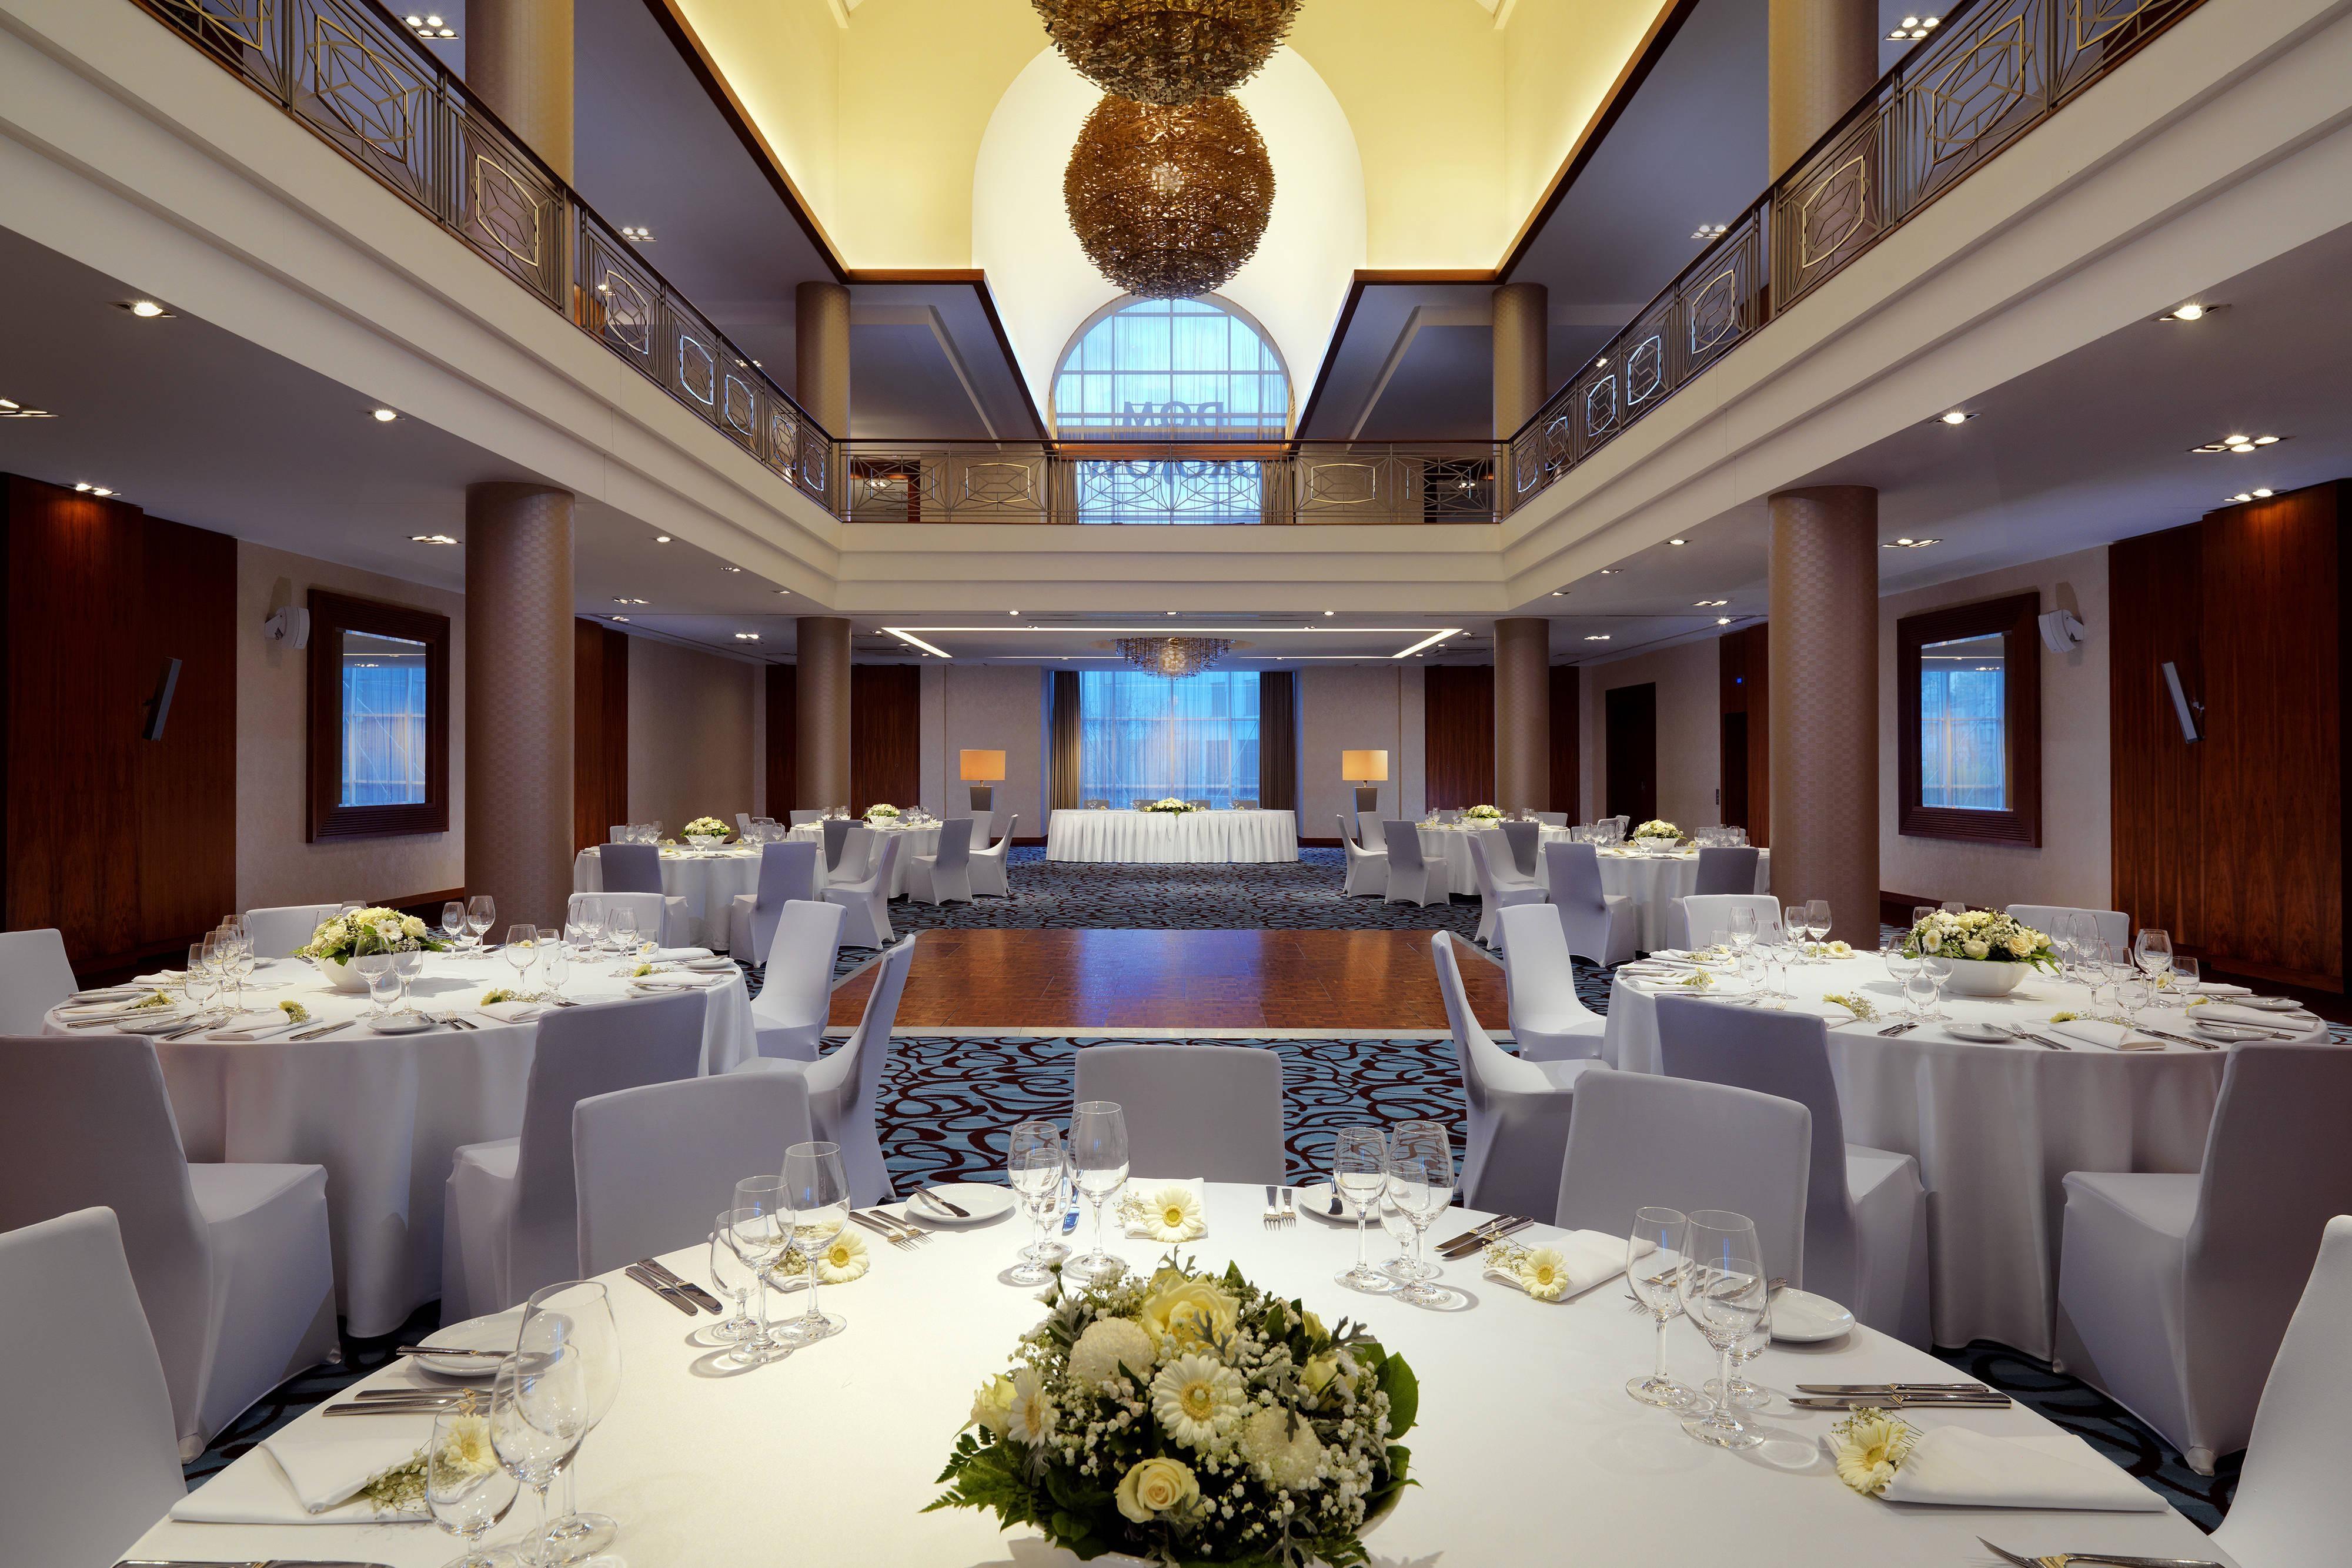 Marco Polo Ballroom Wedding Reception